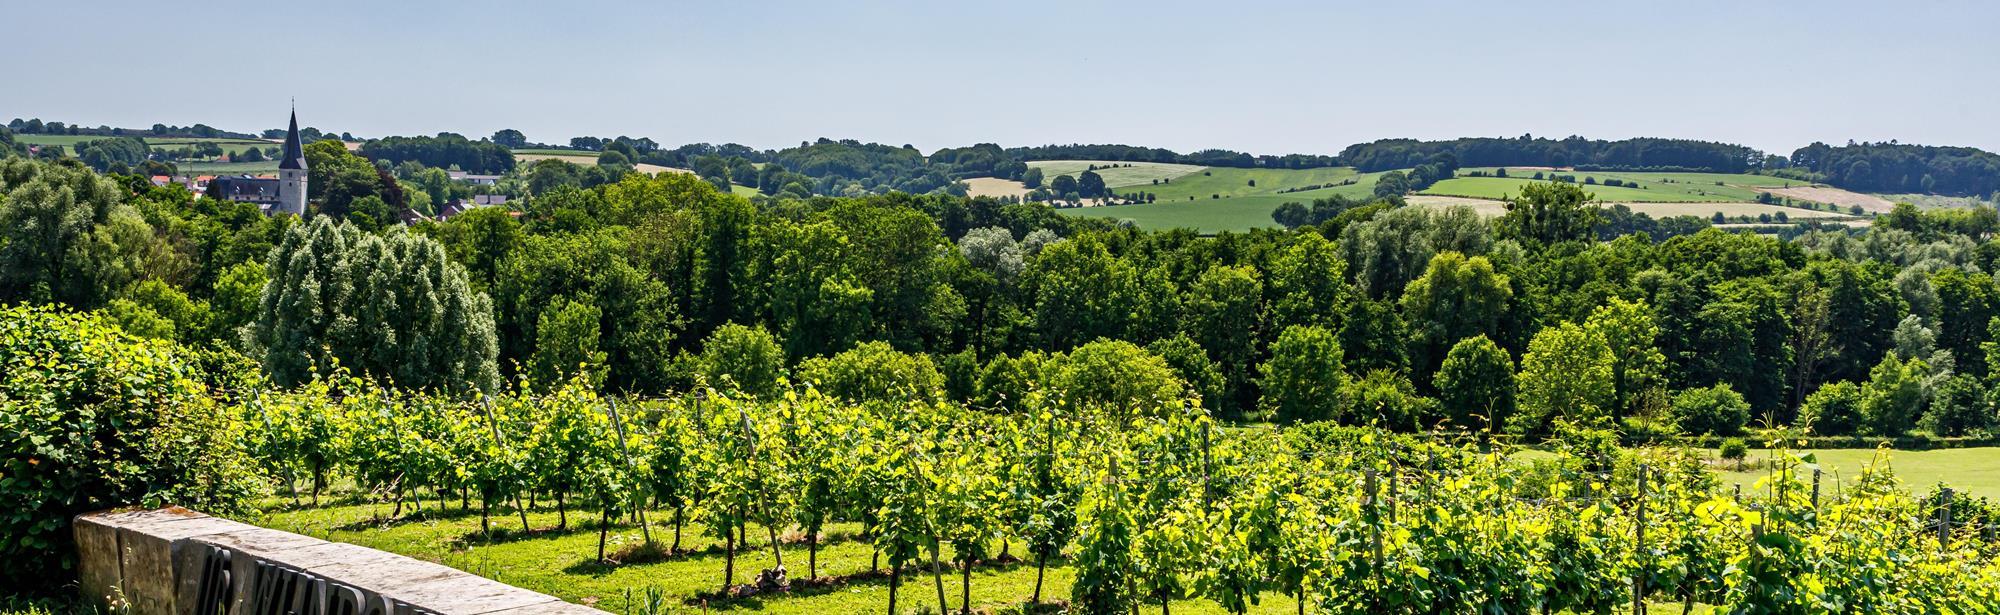 Wijngaarden wandeling Noorbeek Vi2